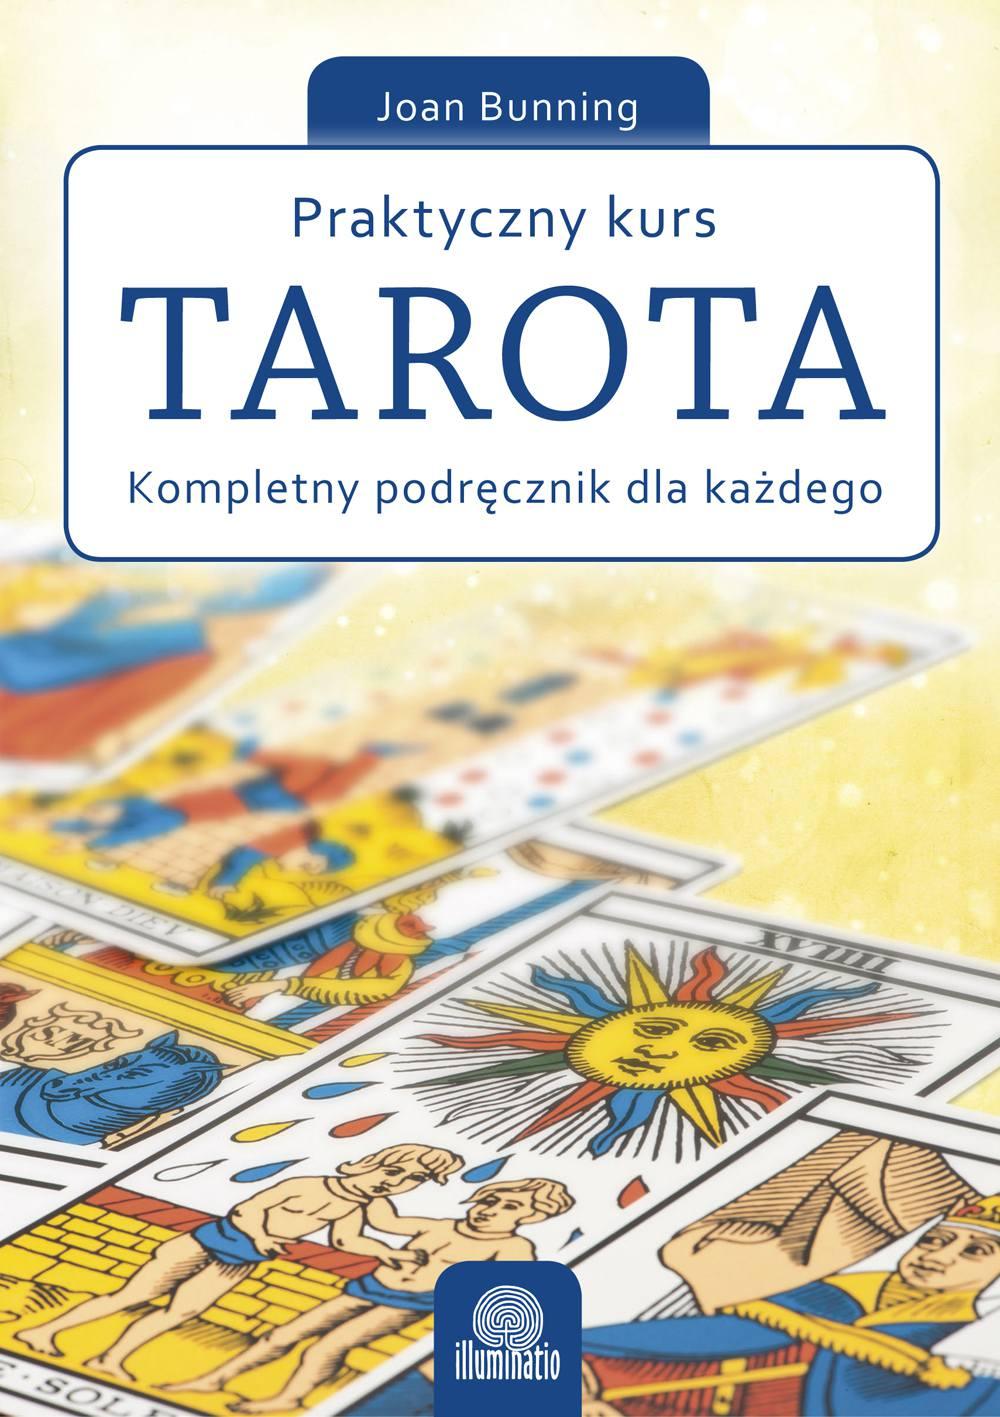 Praktyczny kurs Tarota. Kompletny podręcznik dla każdego - Ebook (Książka na Kindle) do pobrania w formacie MOBI